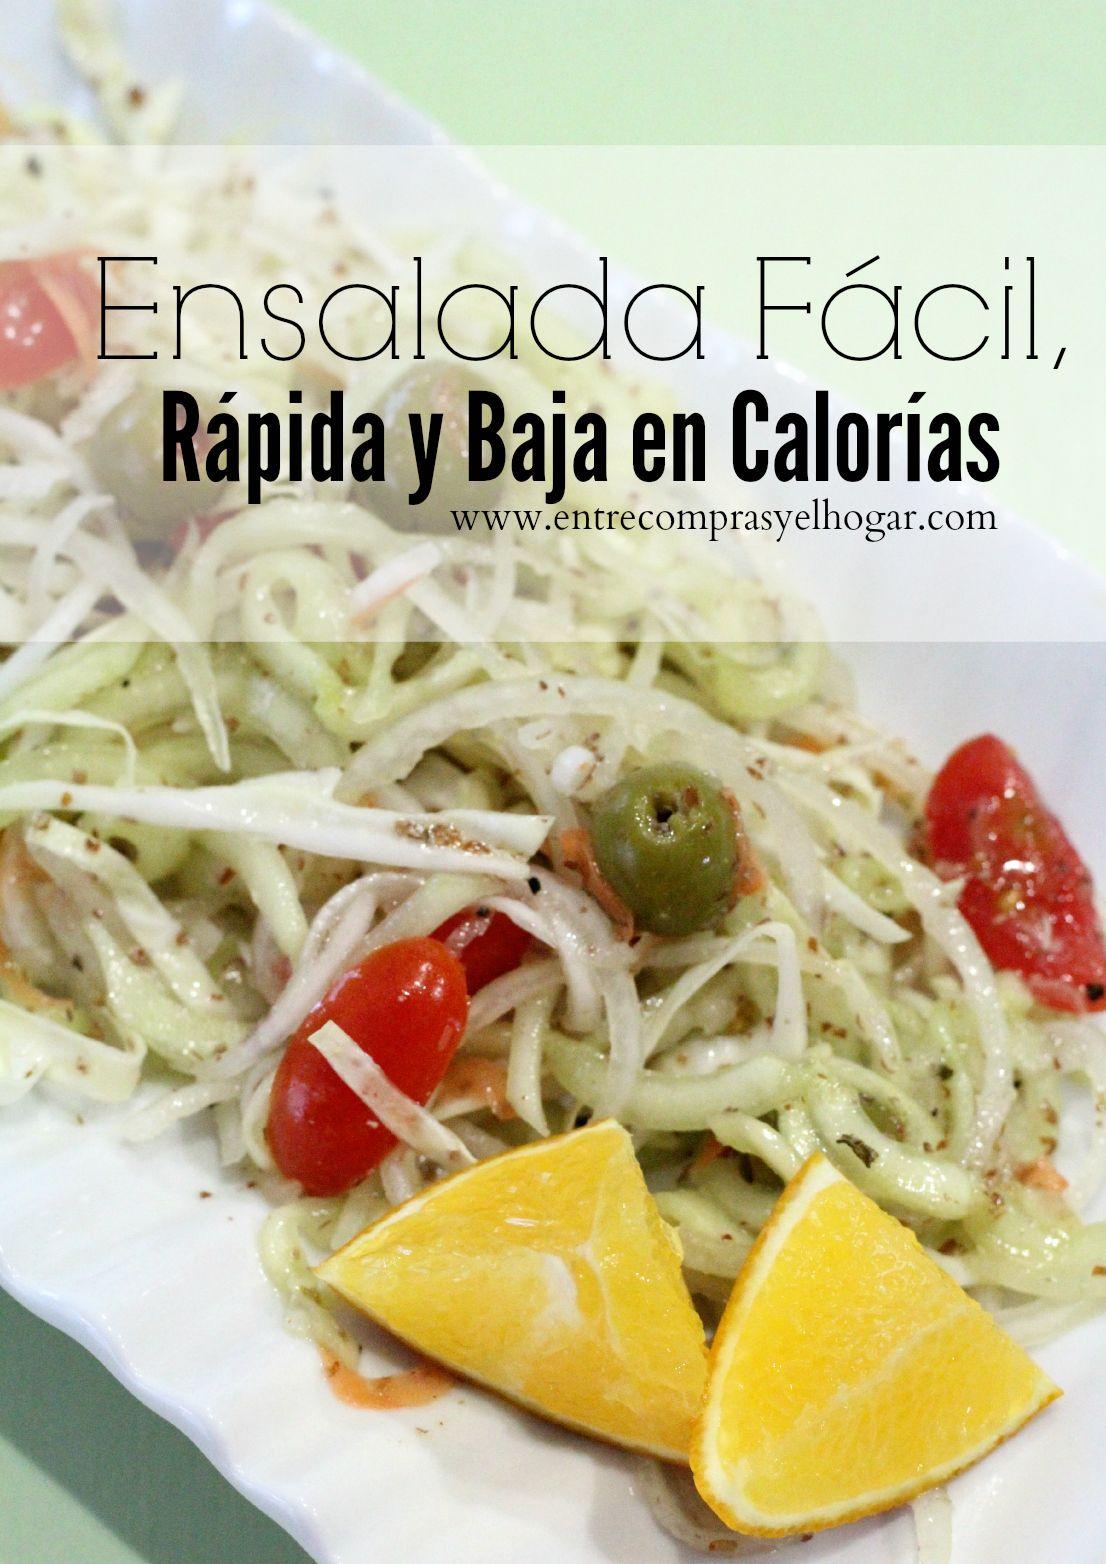 Ensalada f cil r pida y baja en calor as recetas bajas - Comidas sanas y bajas en calorias ...